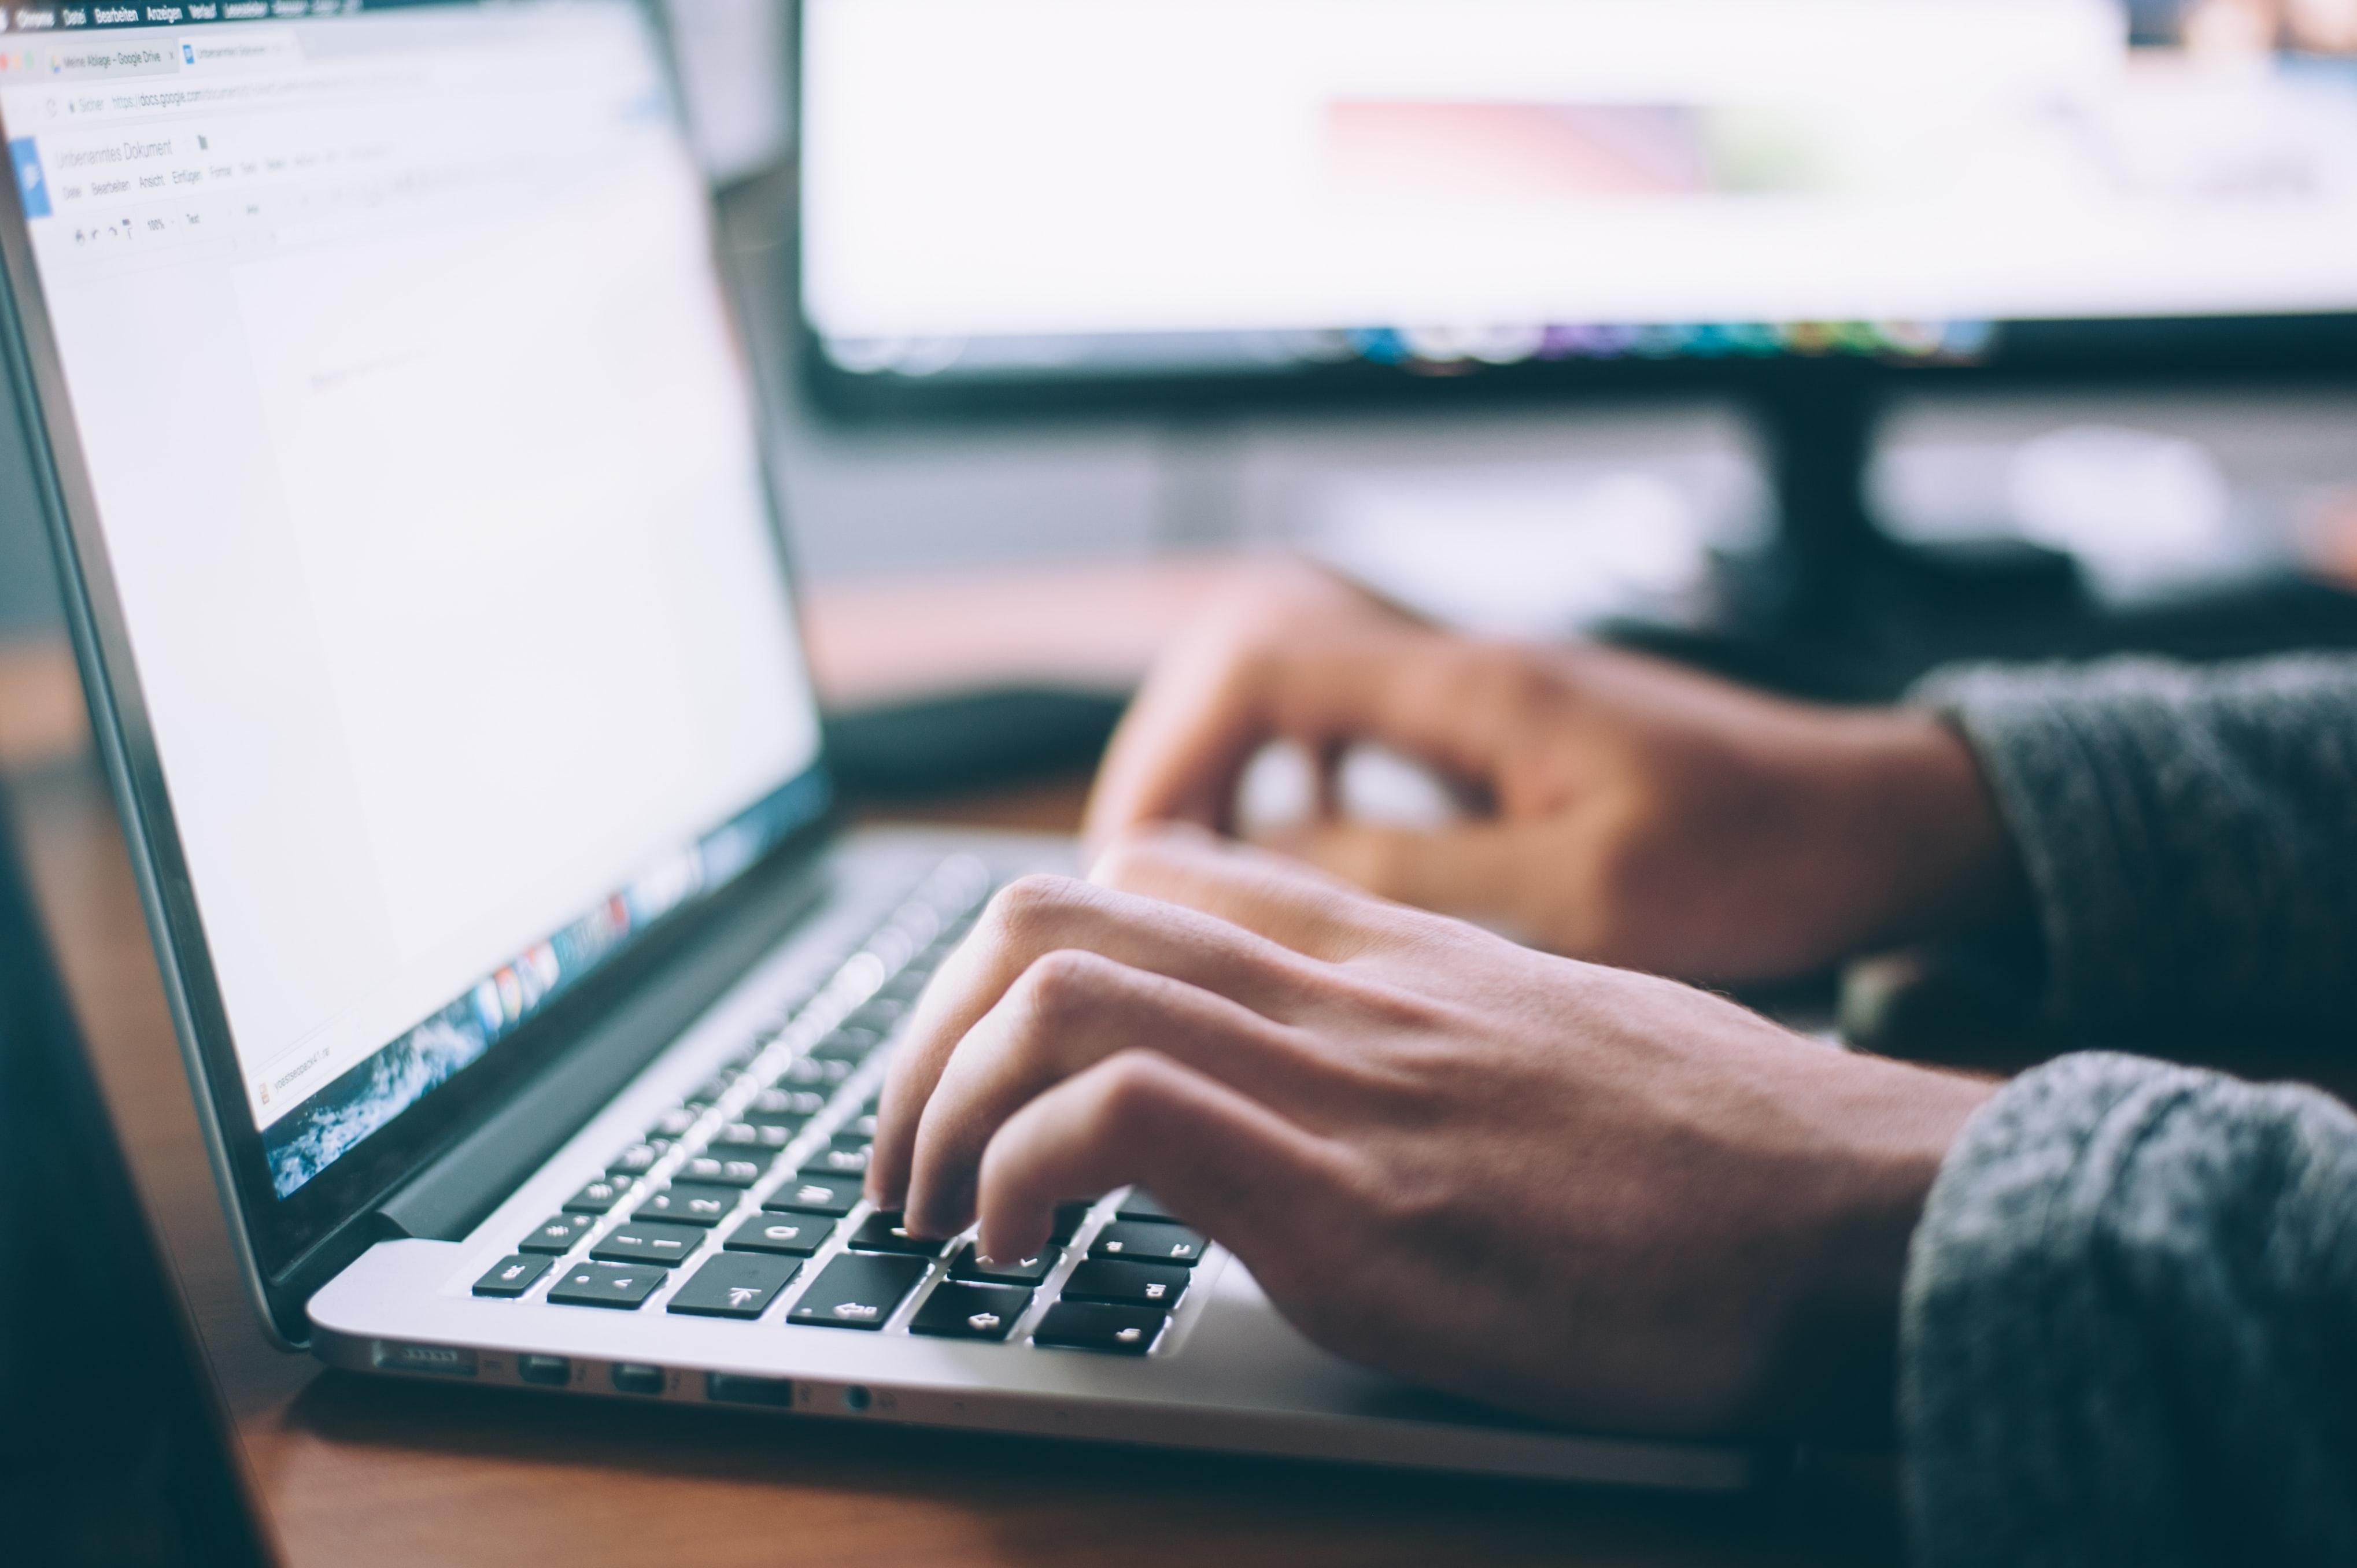 Personne qui tape sur le clavier de son ordinateur